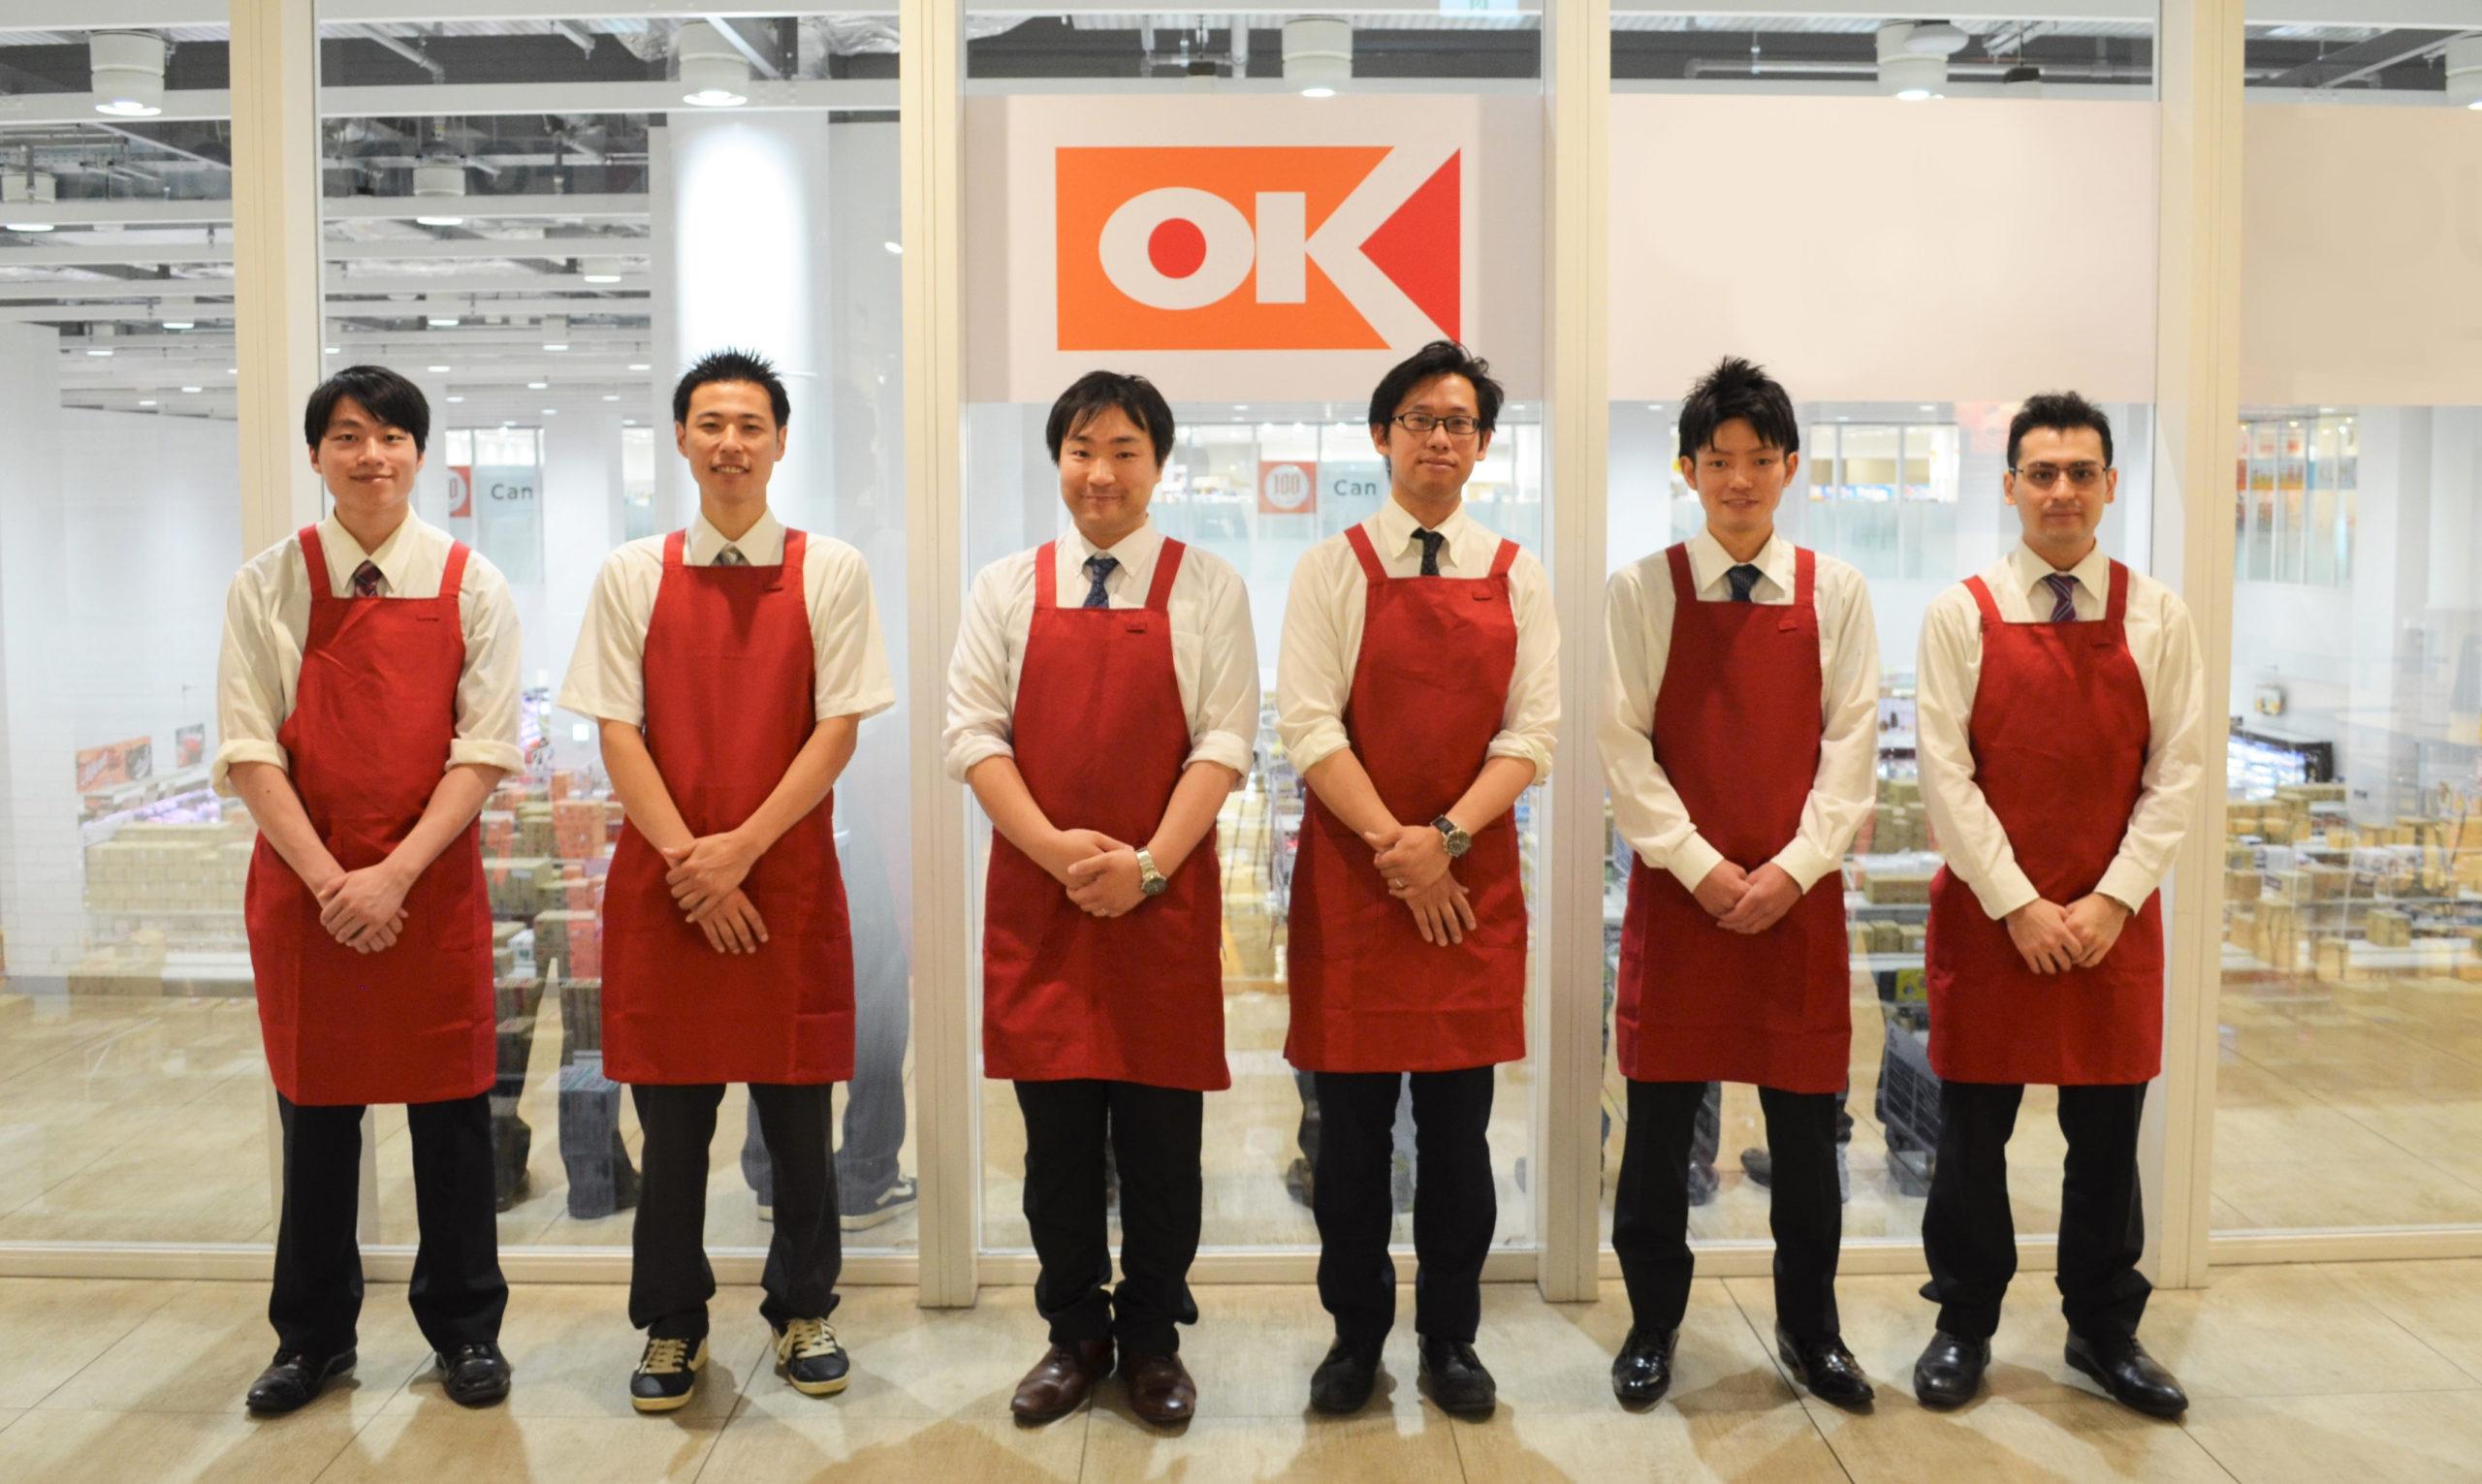 スーパーオーケーで働くスタッフ6名の集合写真